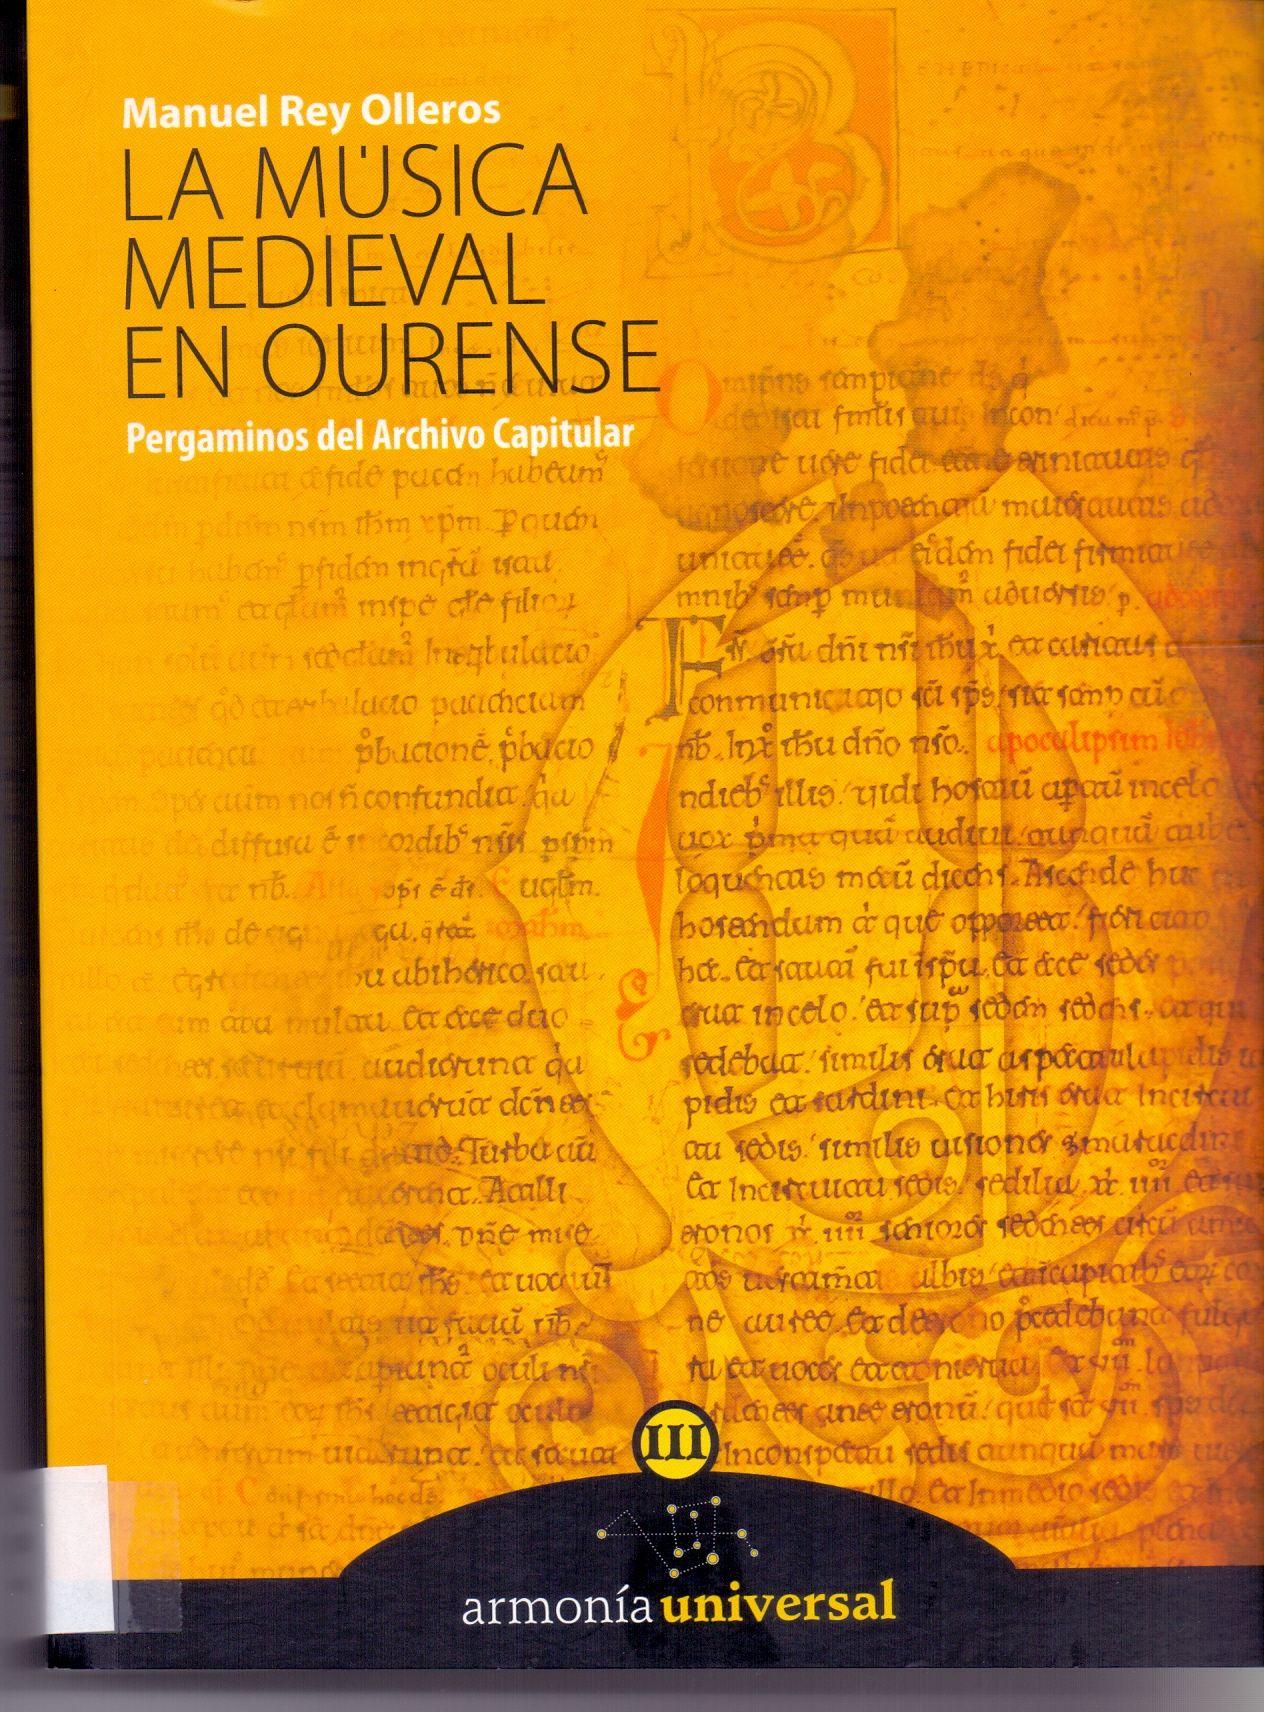 Rey Olleros, Manuel. La música medieval en Ourense : pergaminos del Archivo Histórico Diocesano. Ourense : Armonía Universal, D.L. 2008 (Eurográficas)